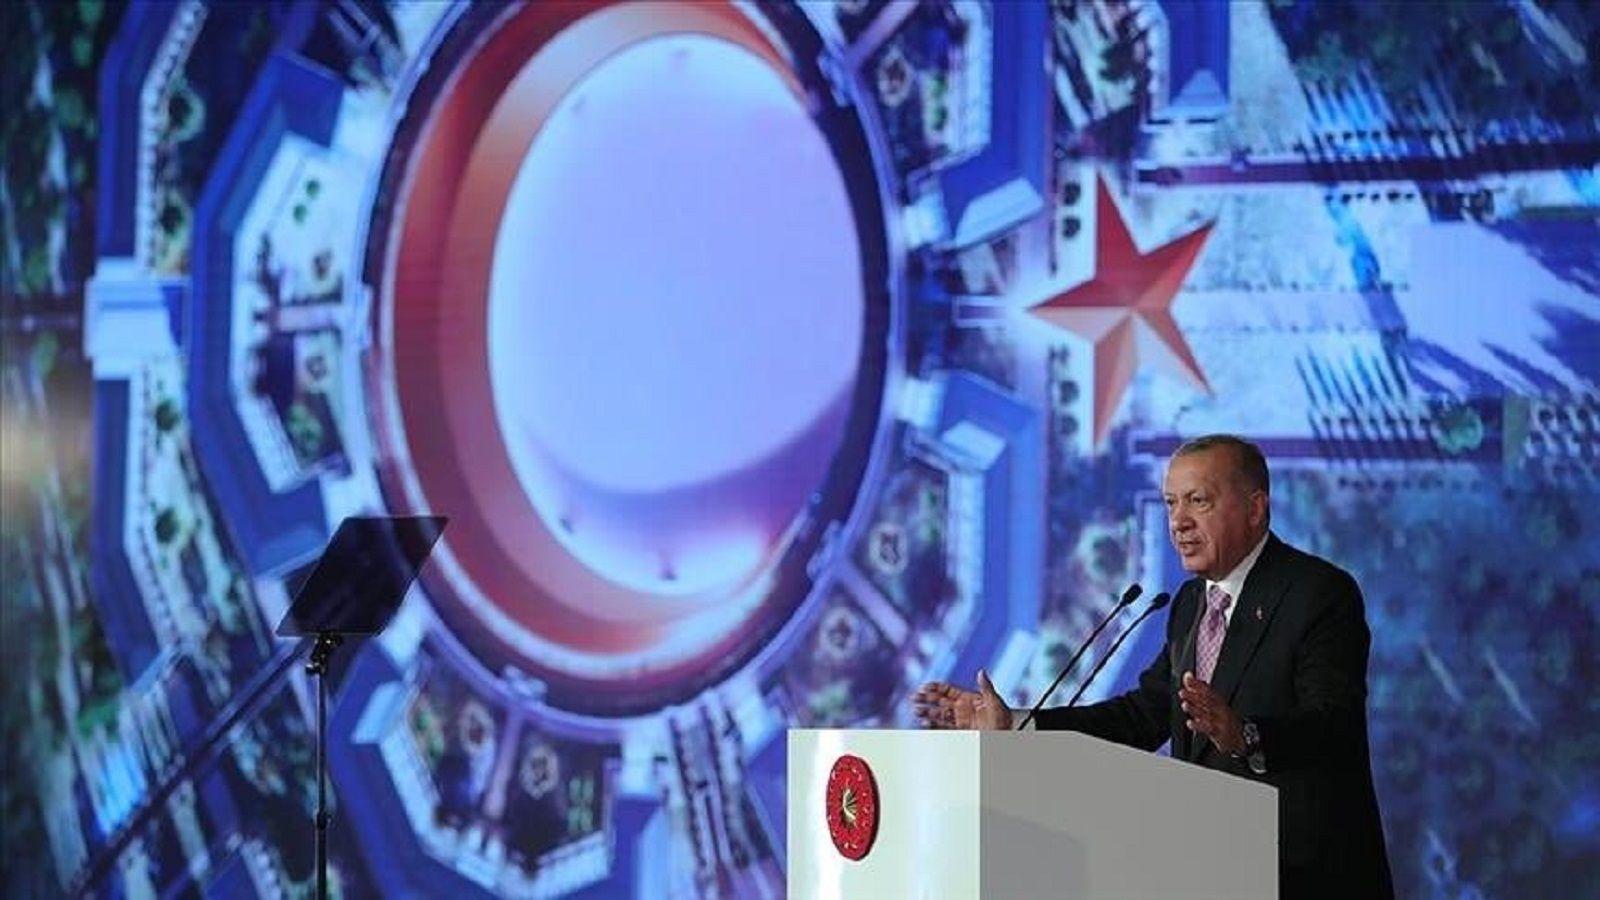 «Полумесяц» – это заключительная часть миссии Эрдогана по наращиванию военной мощи Турции / AceJaceu